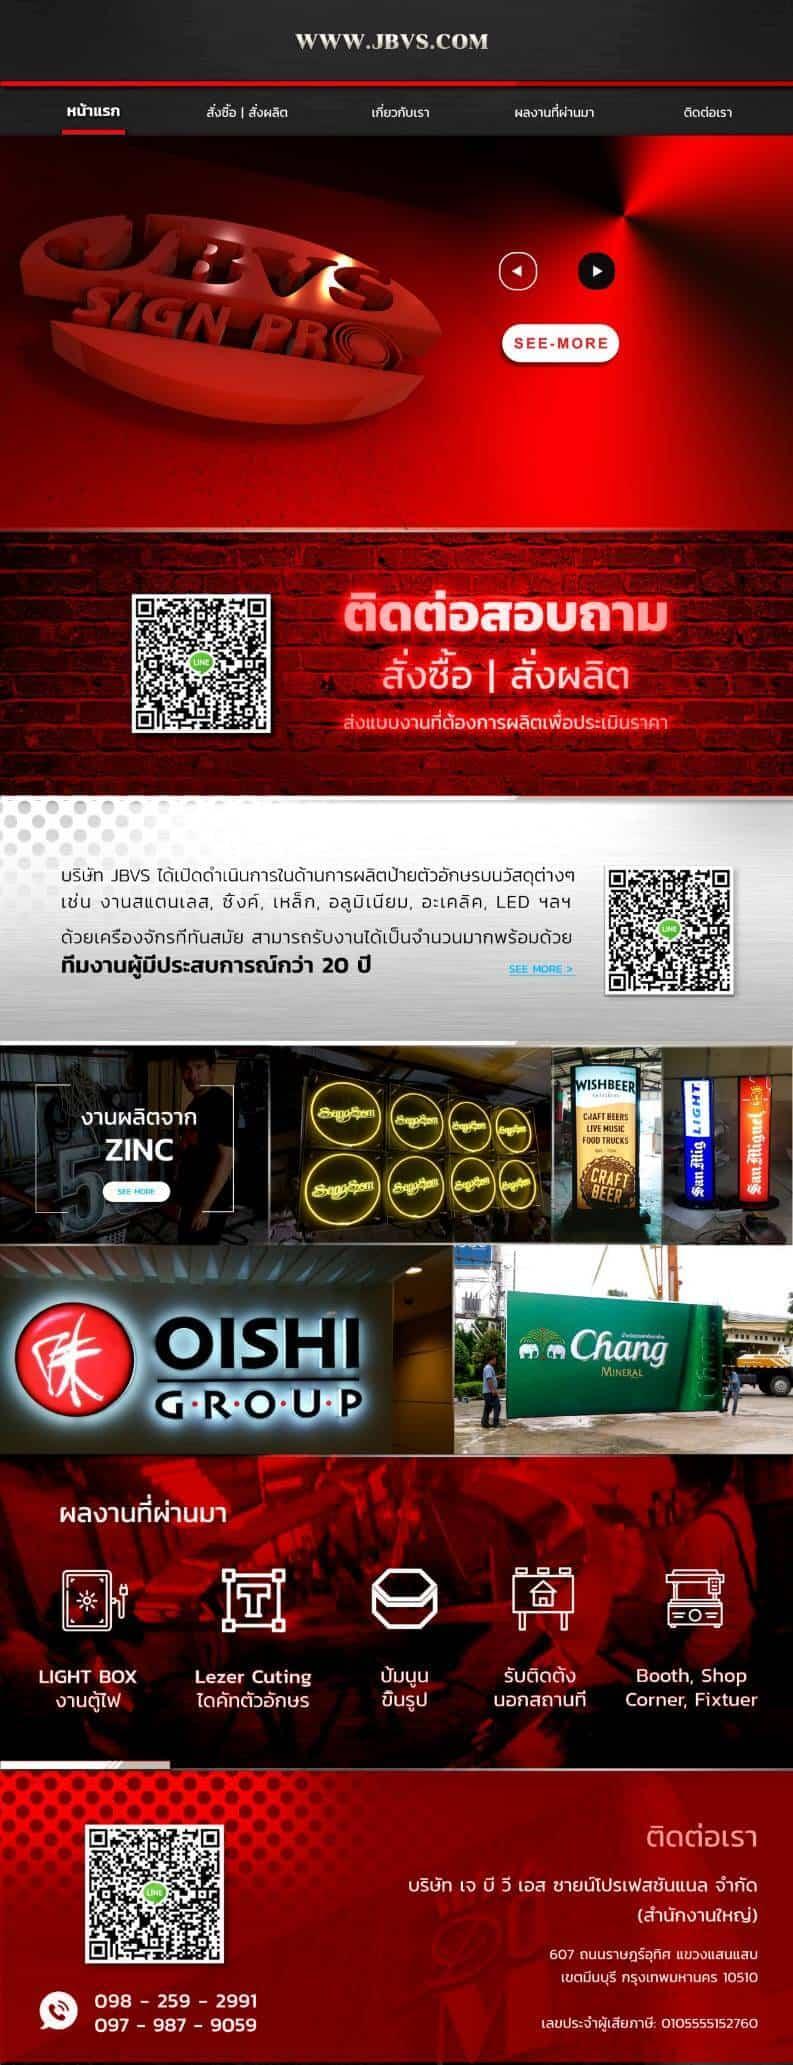 ผลิตป้ายตัวอักษรบนวัสดุ | บริการรับทำเว็บไซต์ ออกแบบเว็บไซต์ teeneeweb.com